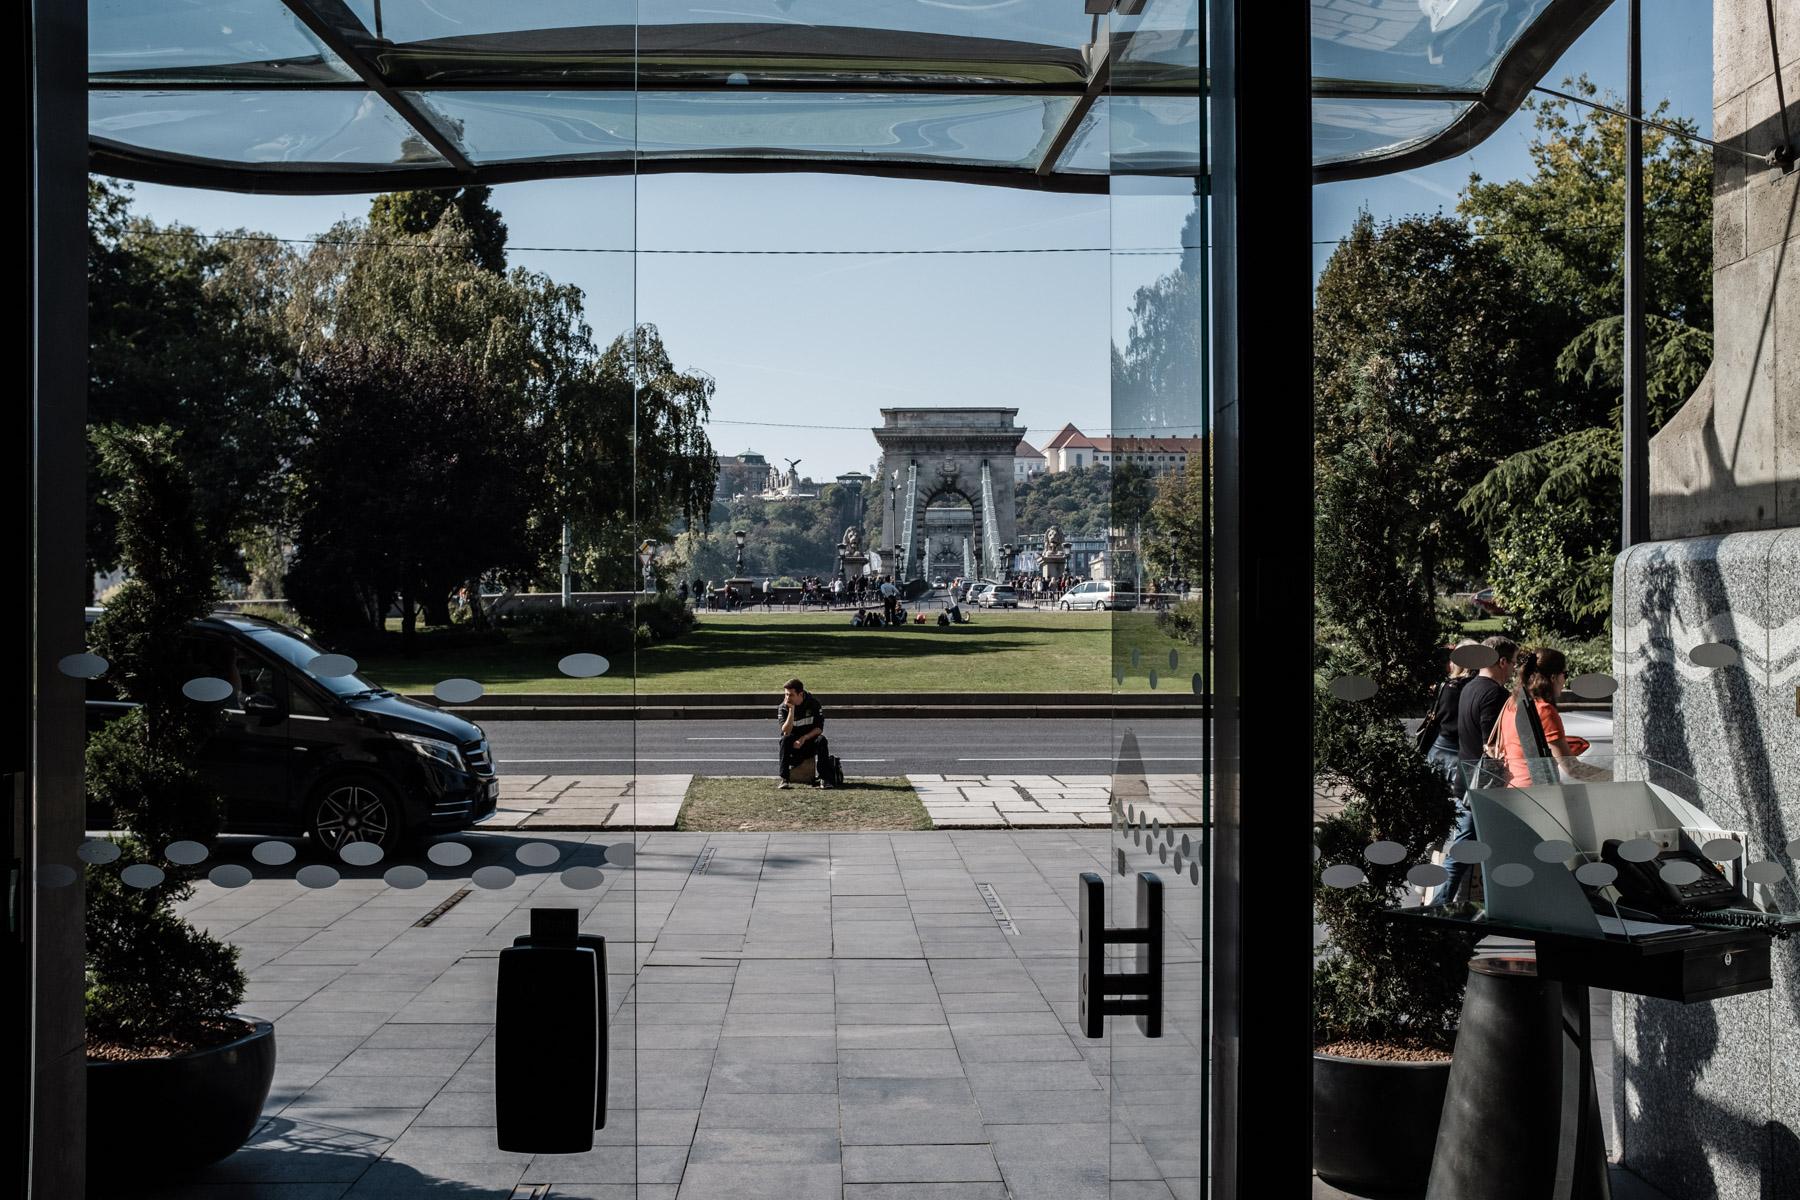 MartinLiebl_Kein_Hochzeitsfotograf_No_Wedding_Photographer_Budapest_Gresham_Palace_002.jpg